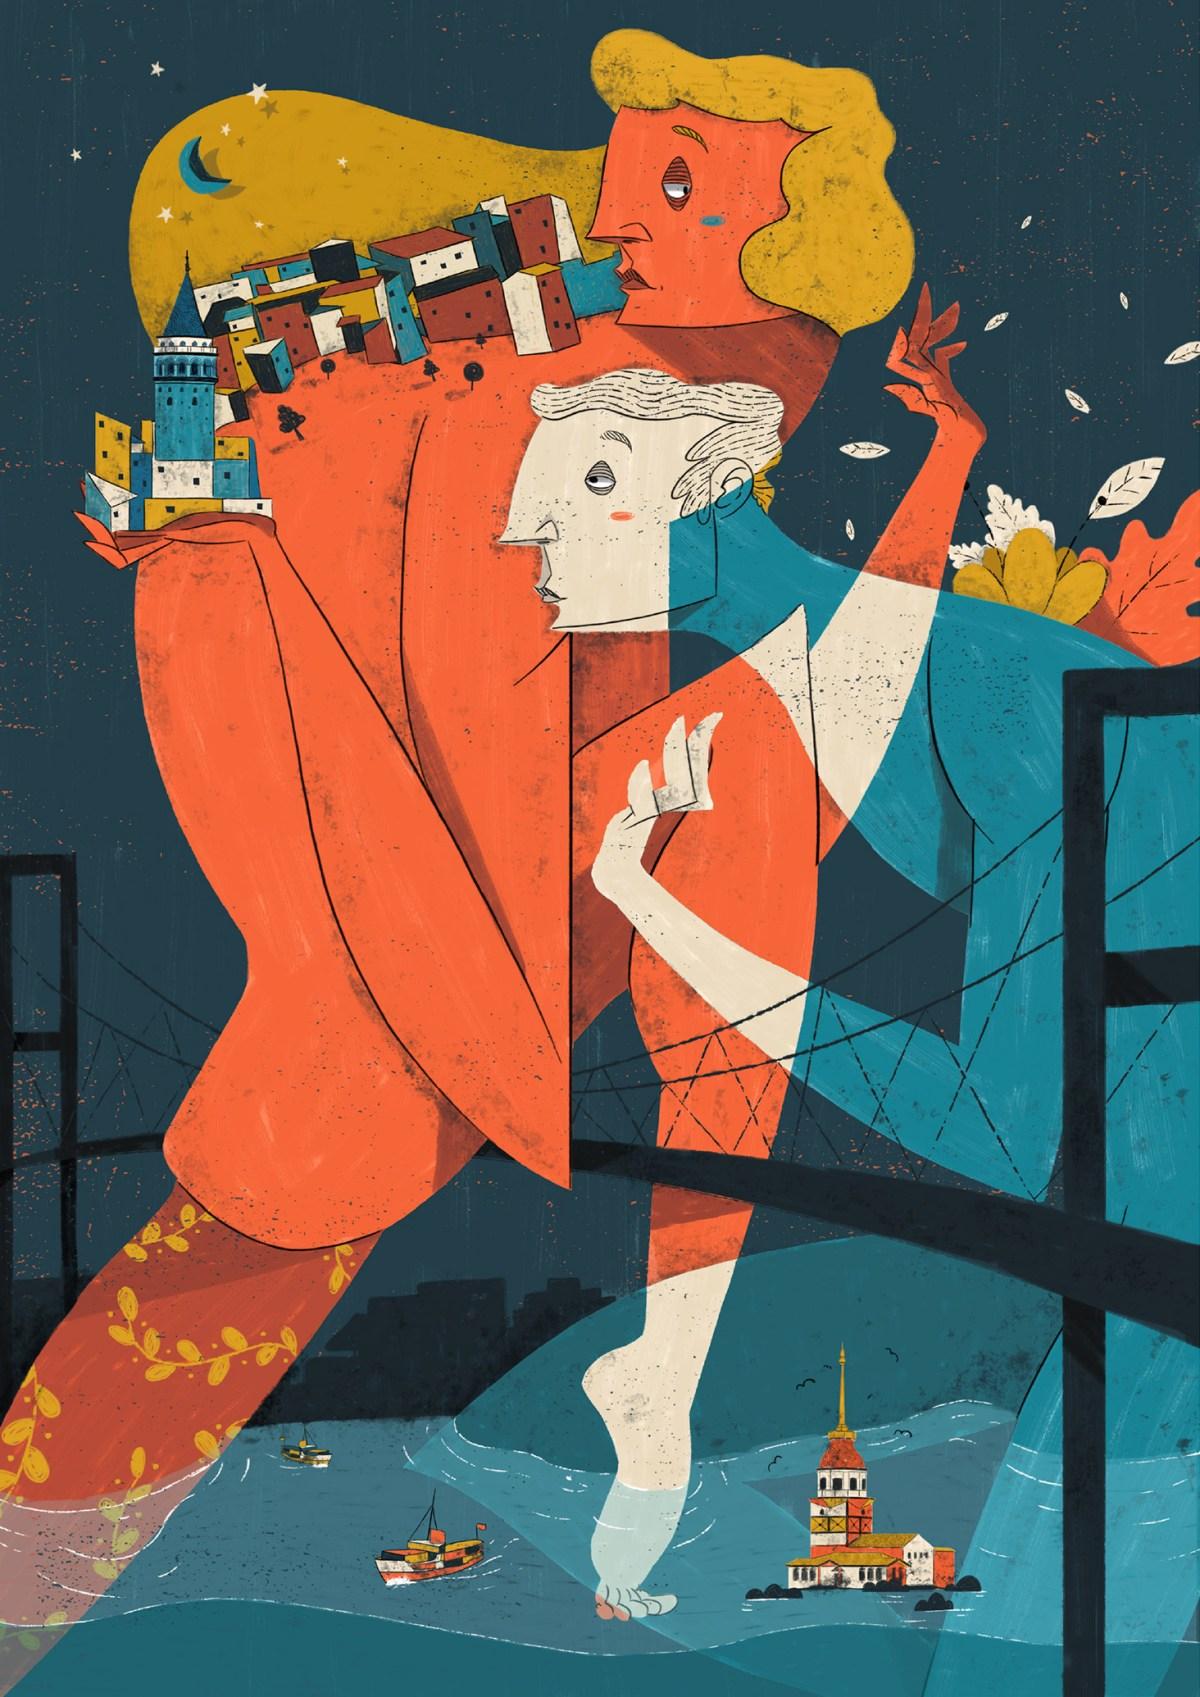 illustration-mete-kaplan-eker-07